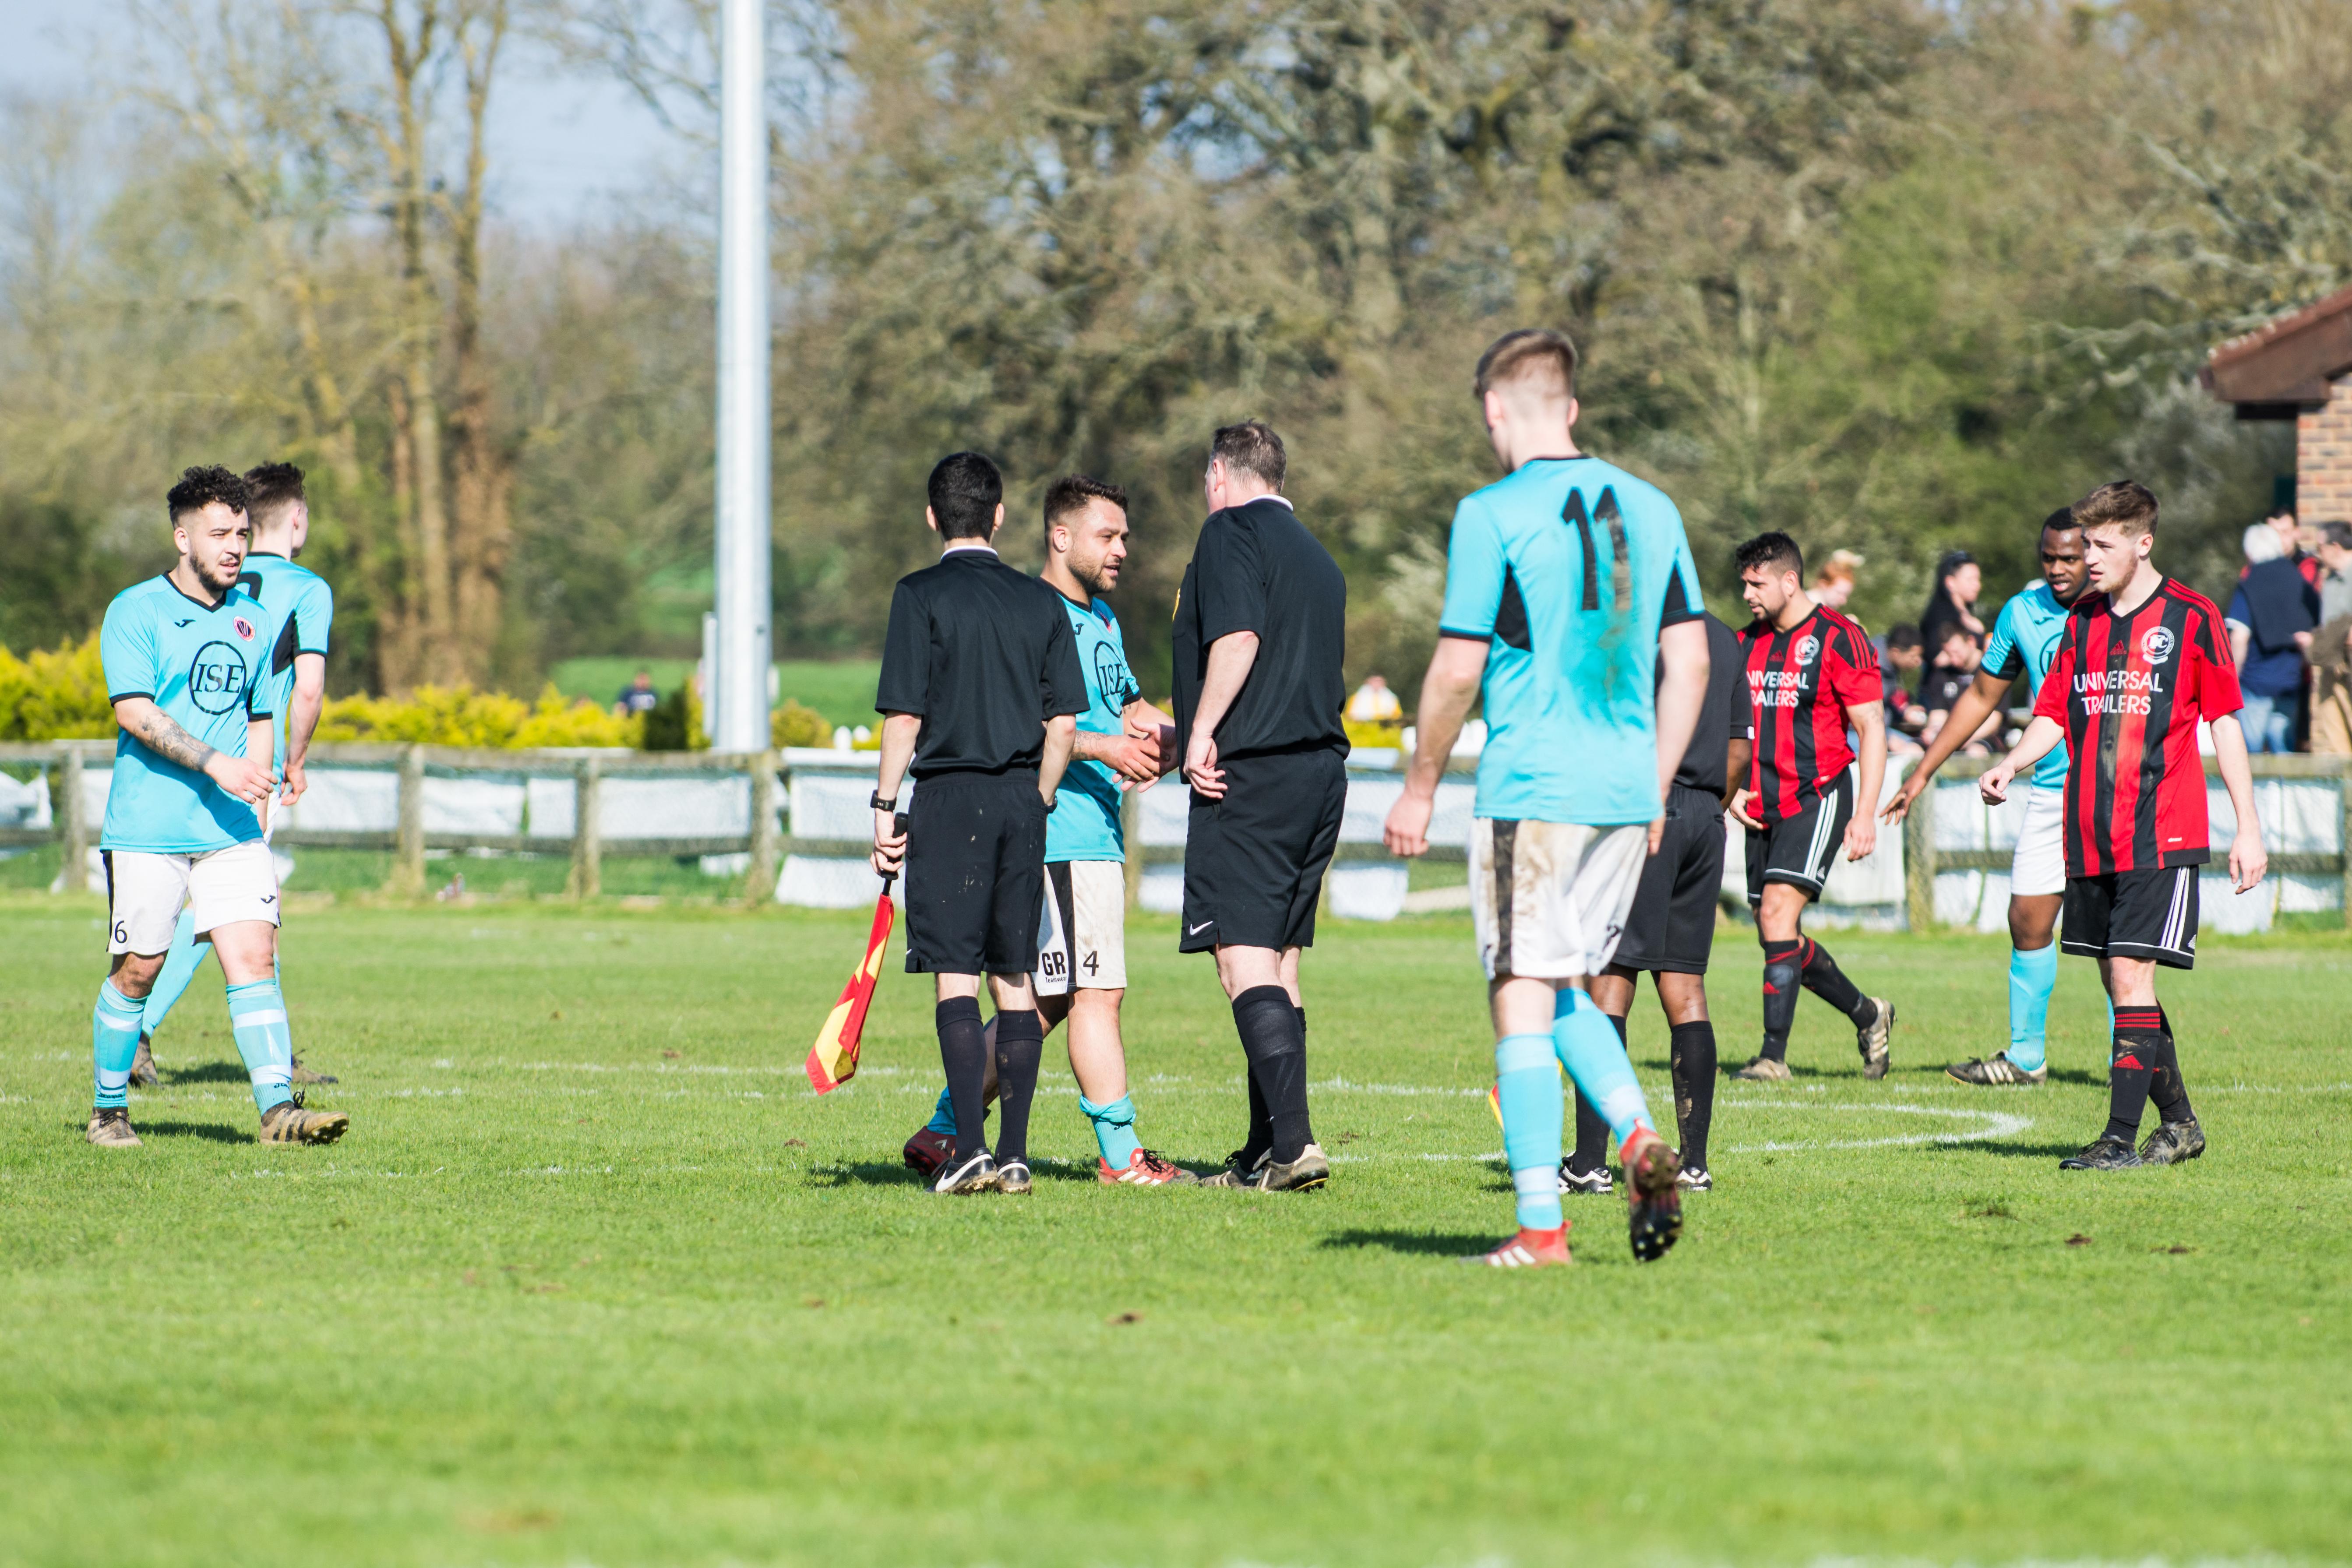 DAVID_JEFFERY Billingshurst FC vs AFC Varndeanians 14.04.18 140